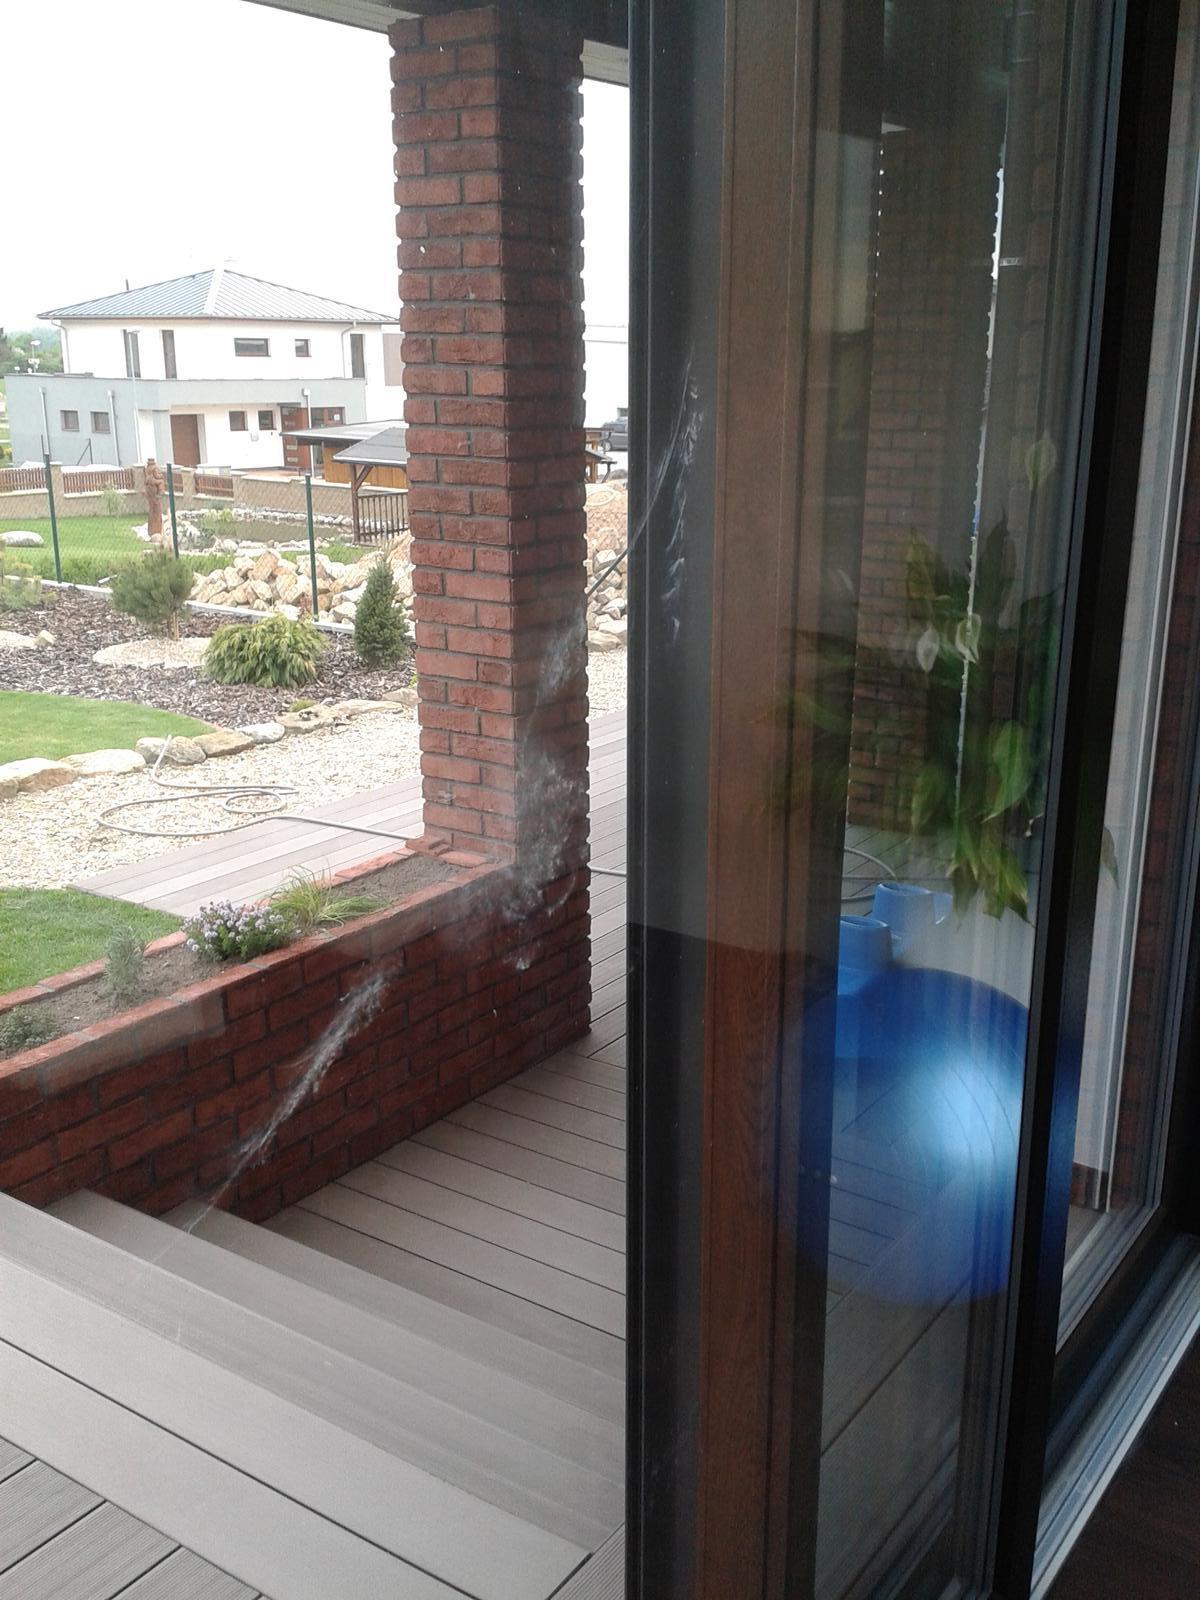 Stavba domu - 27.4.2014 - rána jako z děla a na skle obtisk holuba :)